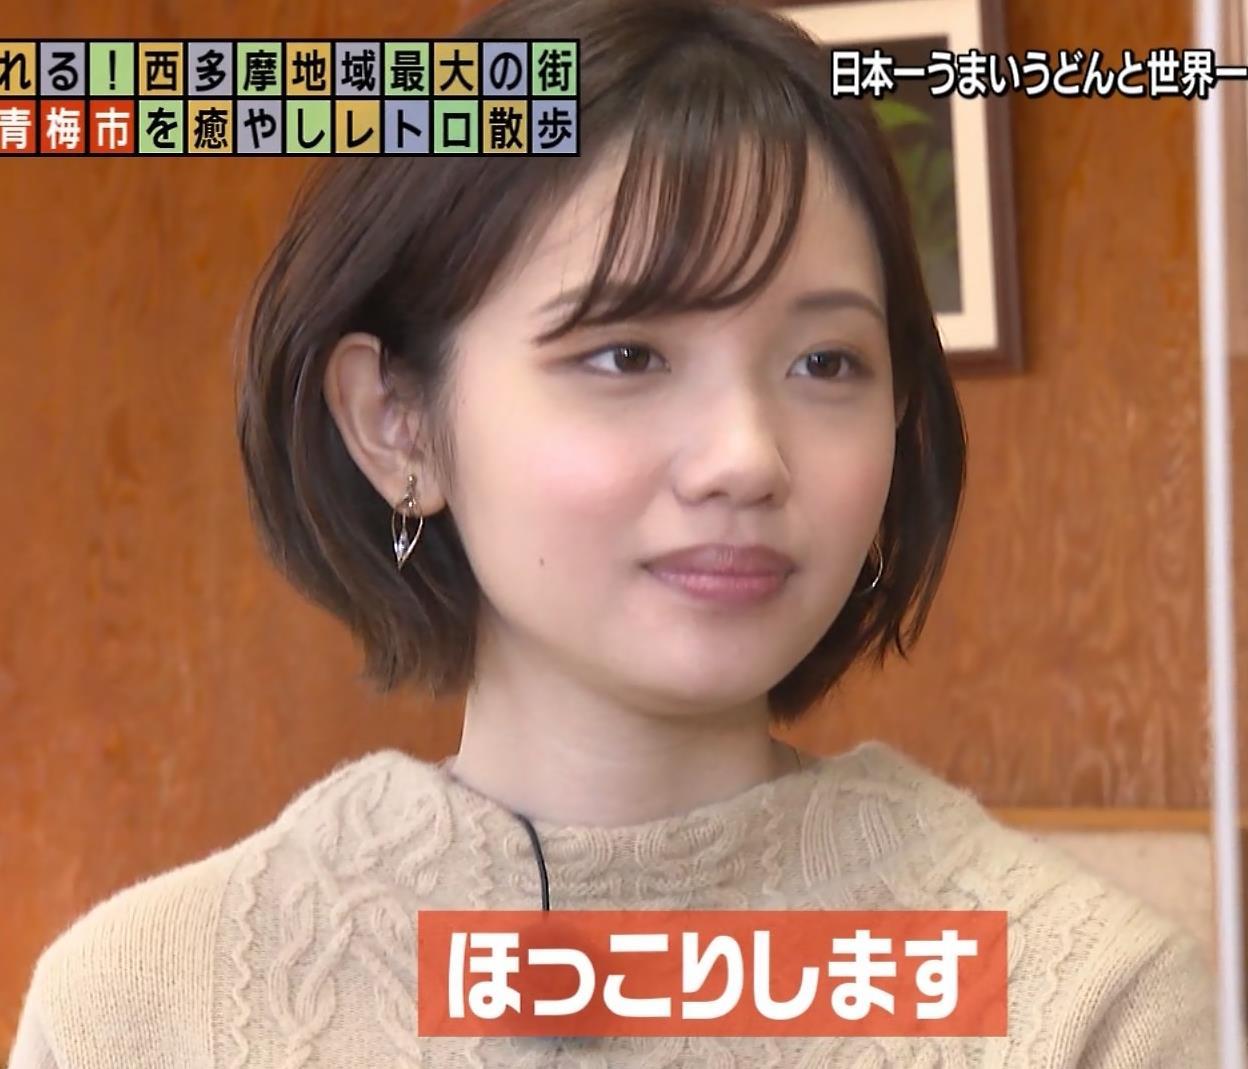 田中瞳アナ ワンピースお尻キャプ・エロ画像2